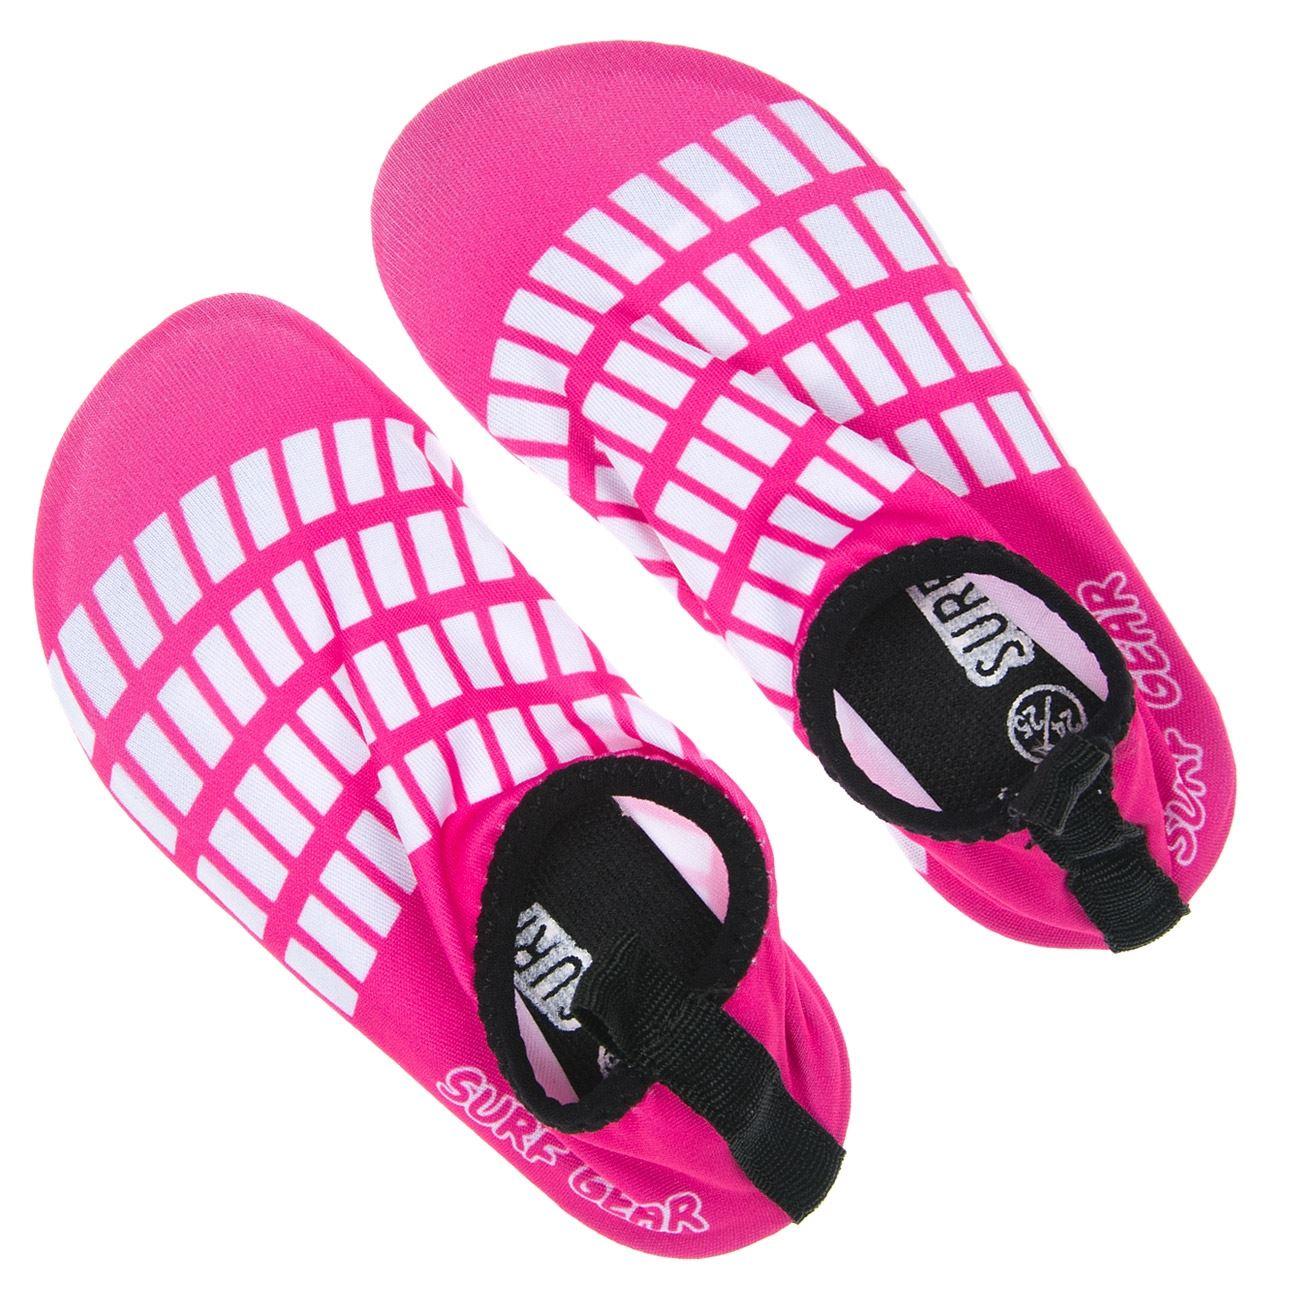 Παπούτσια Θαλάσσης Φούξια Λευκό   Παπούτσι Θαλάσσης Preschool για ... 3bbb8035a00